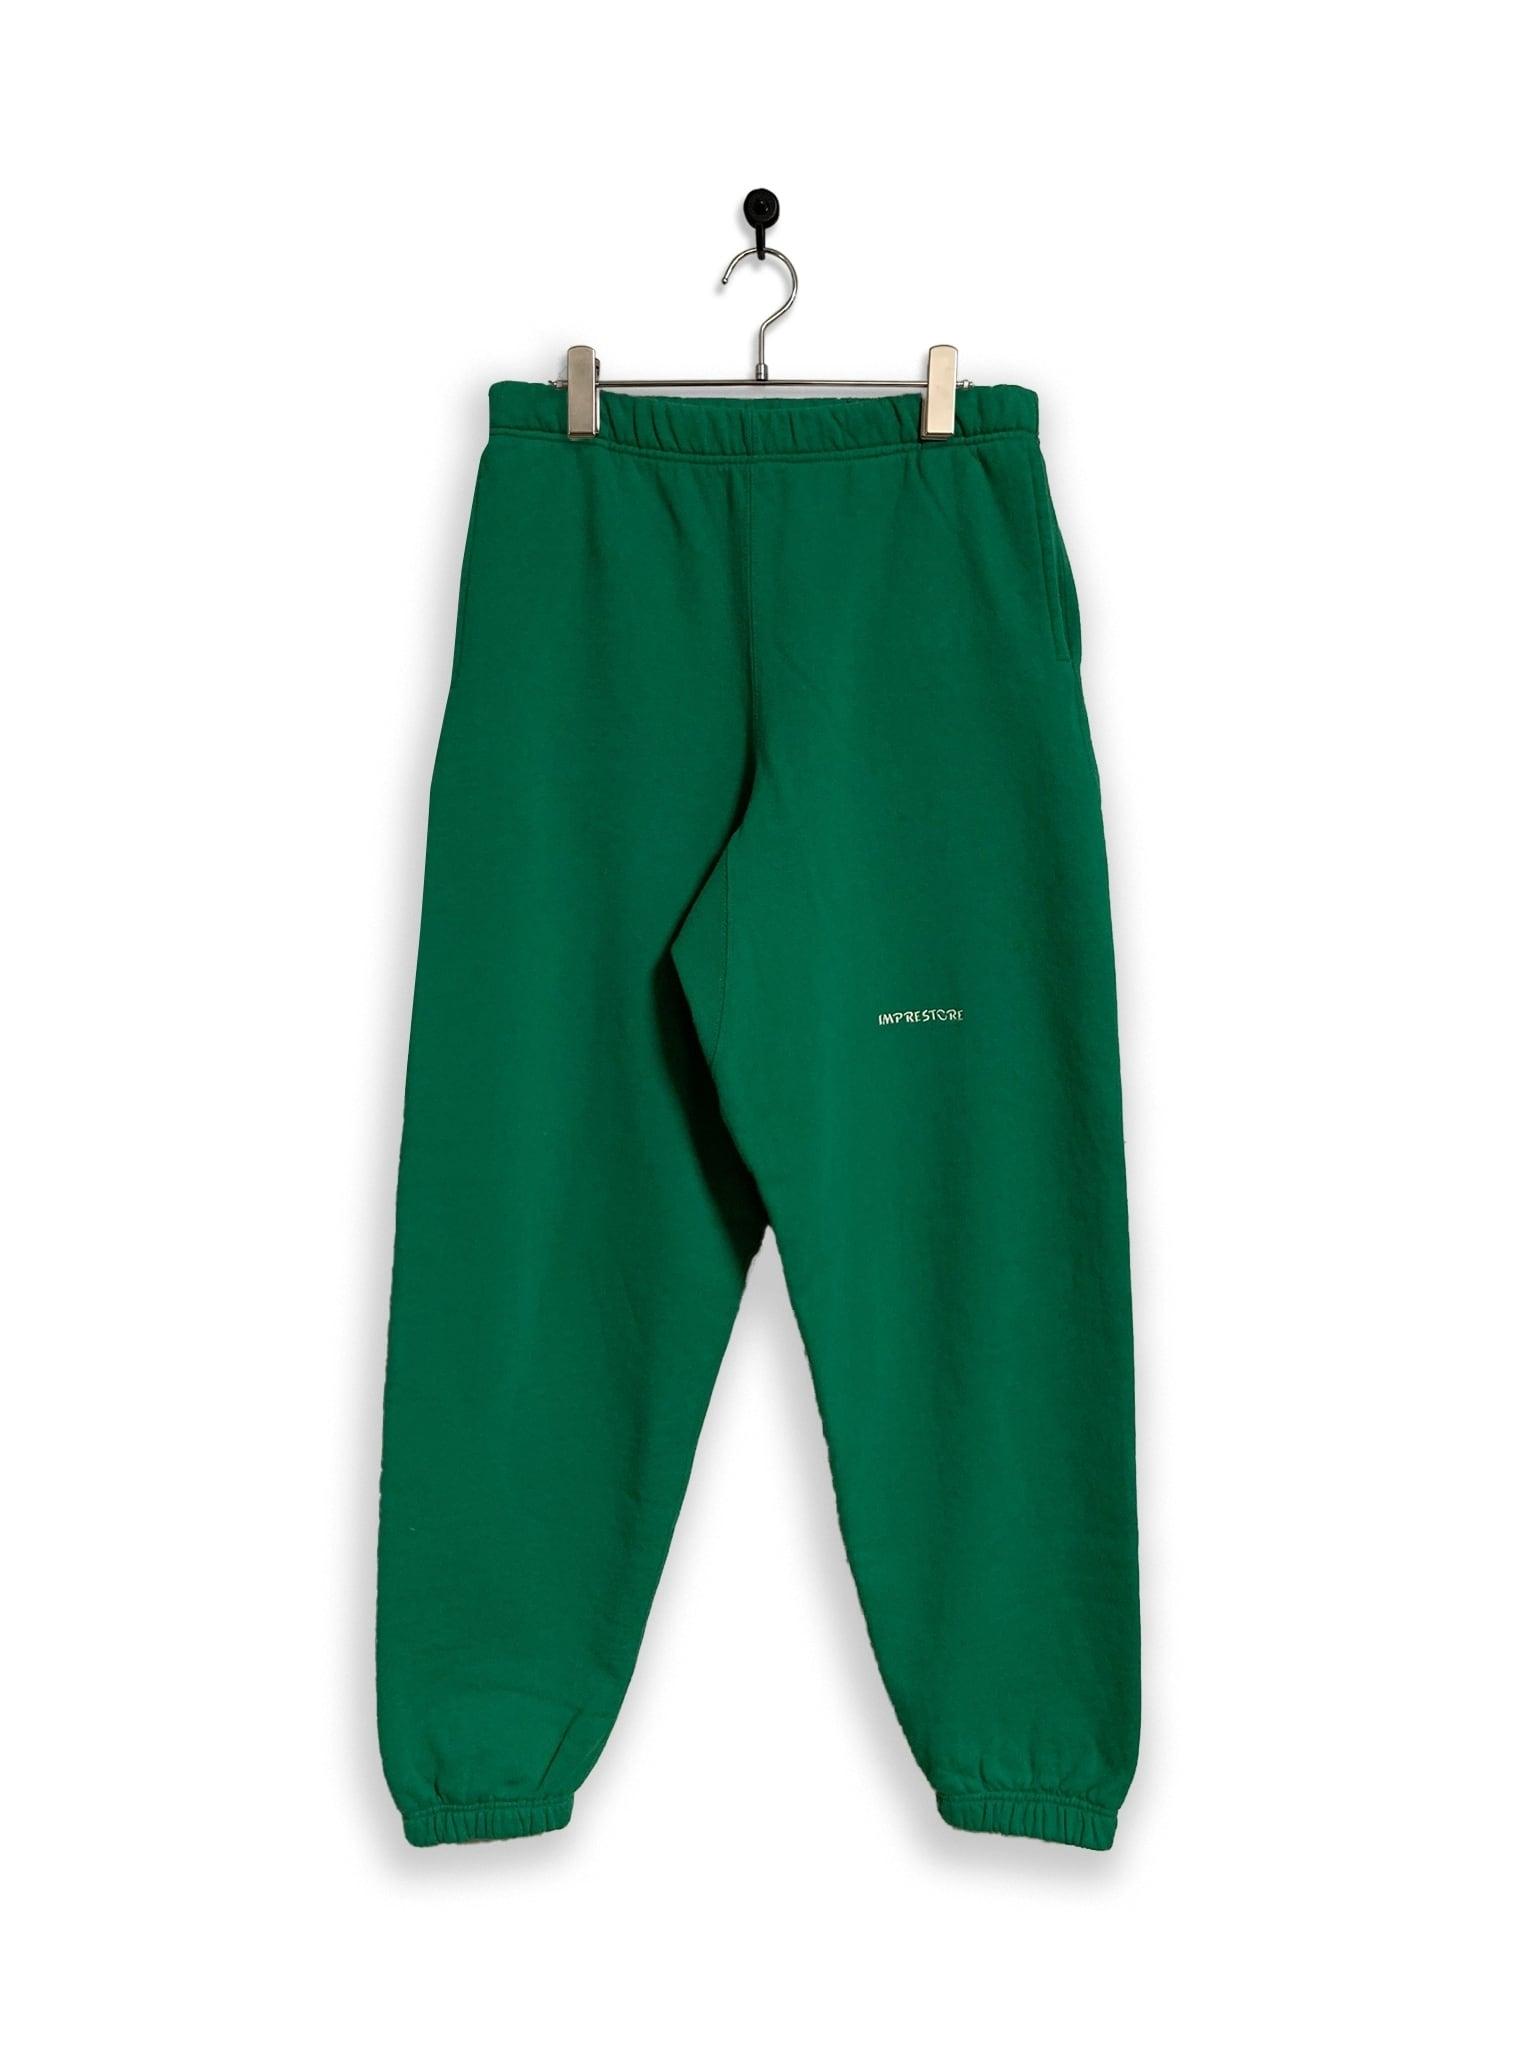 Micky / green